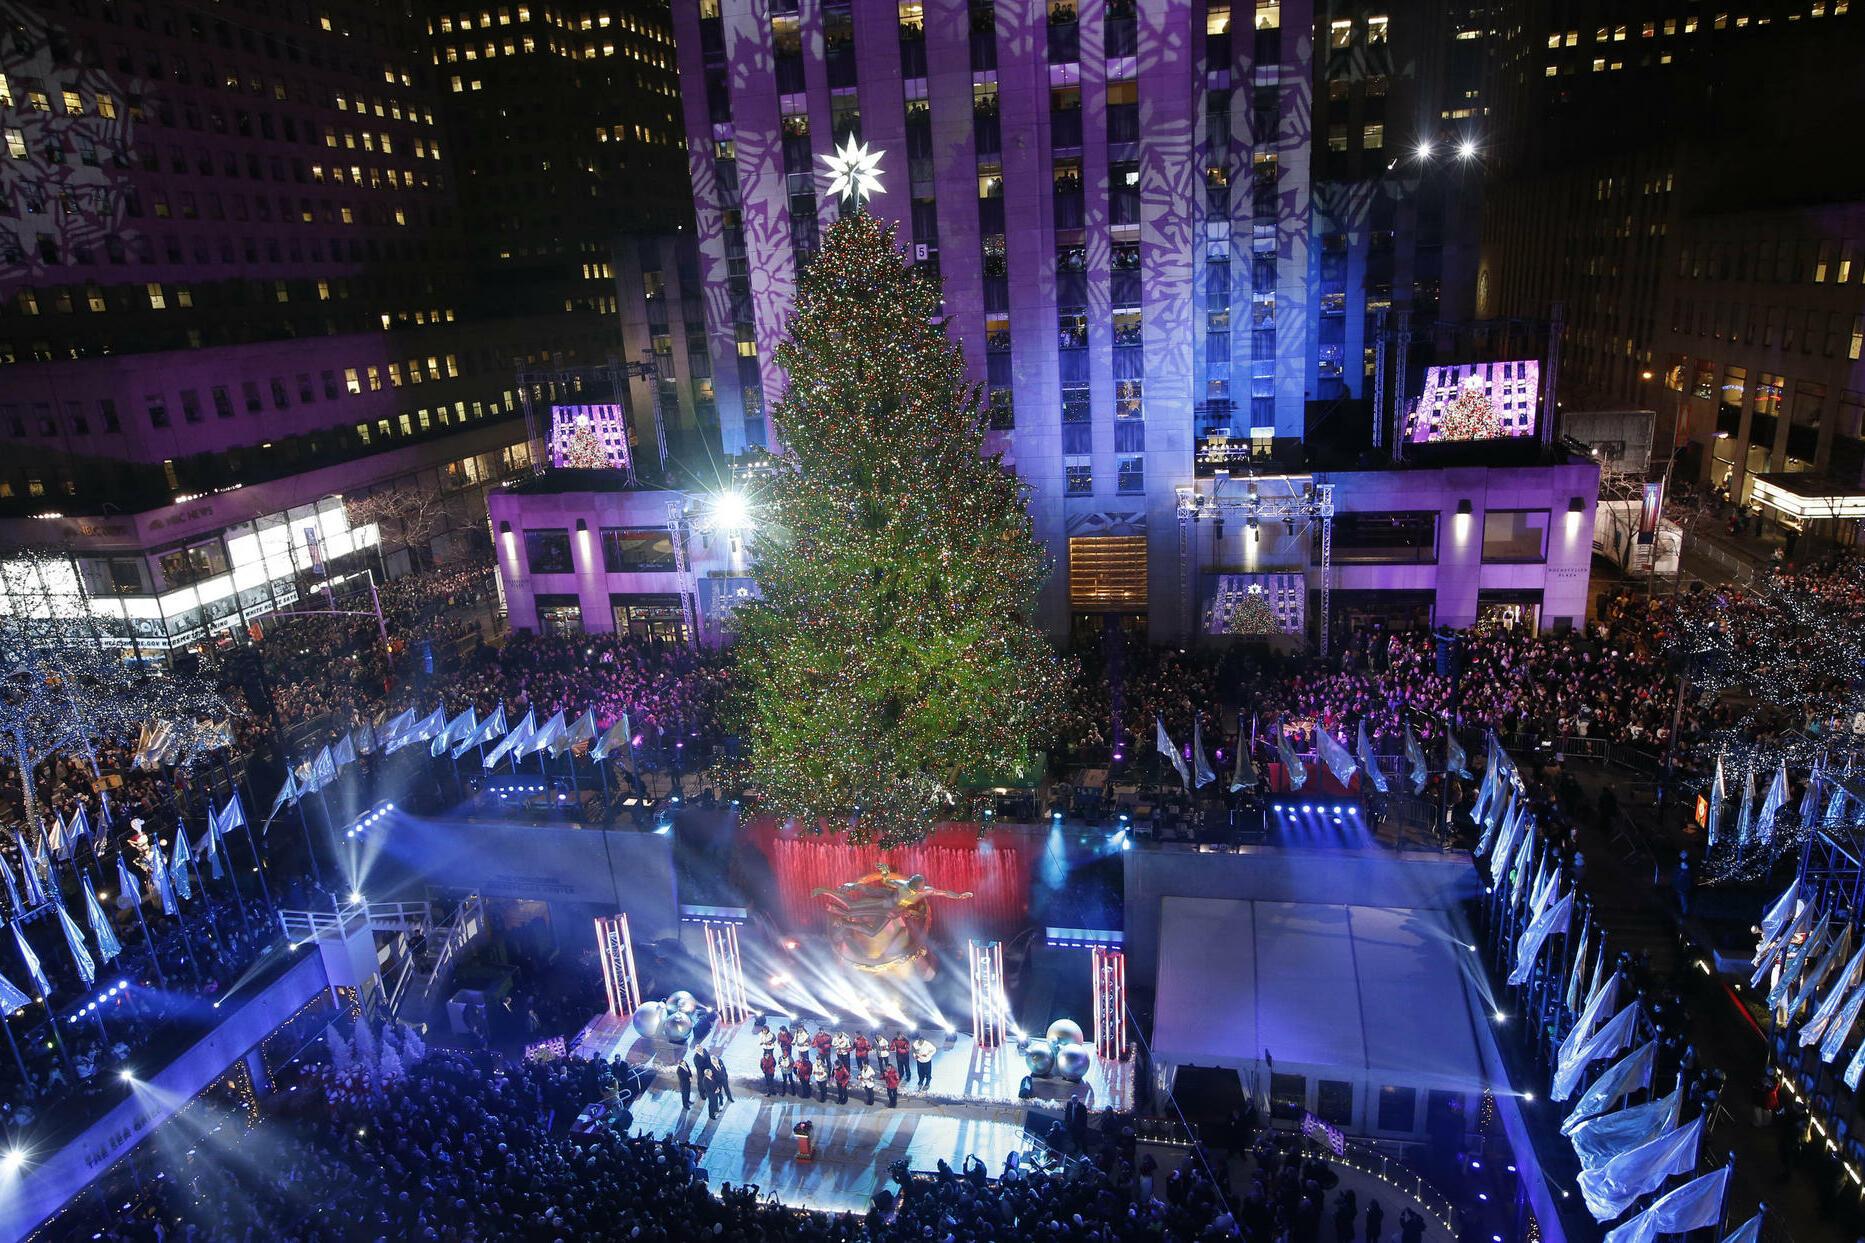 Weihnachtsbaum mit swarovski spitze es leuchtet und for Weihnachtsbaum rockefeller center 2016